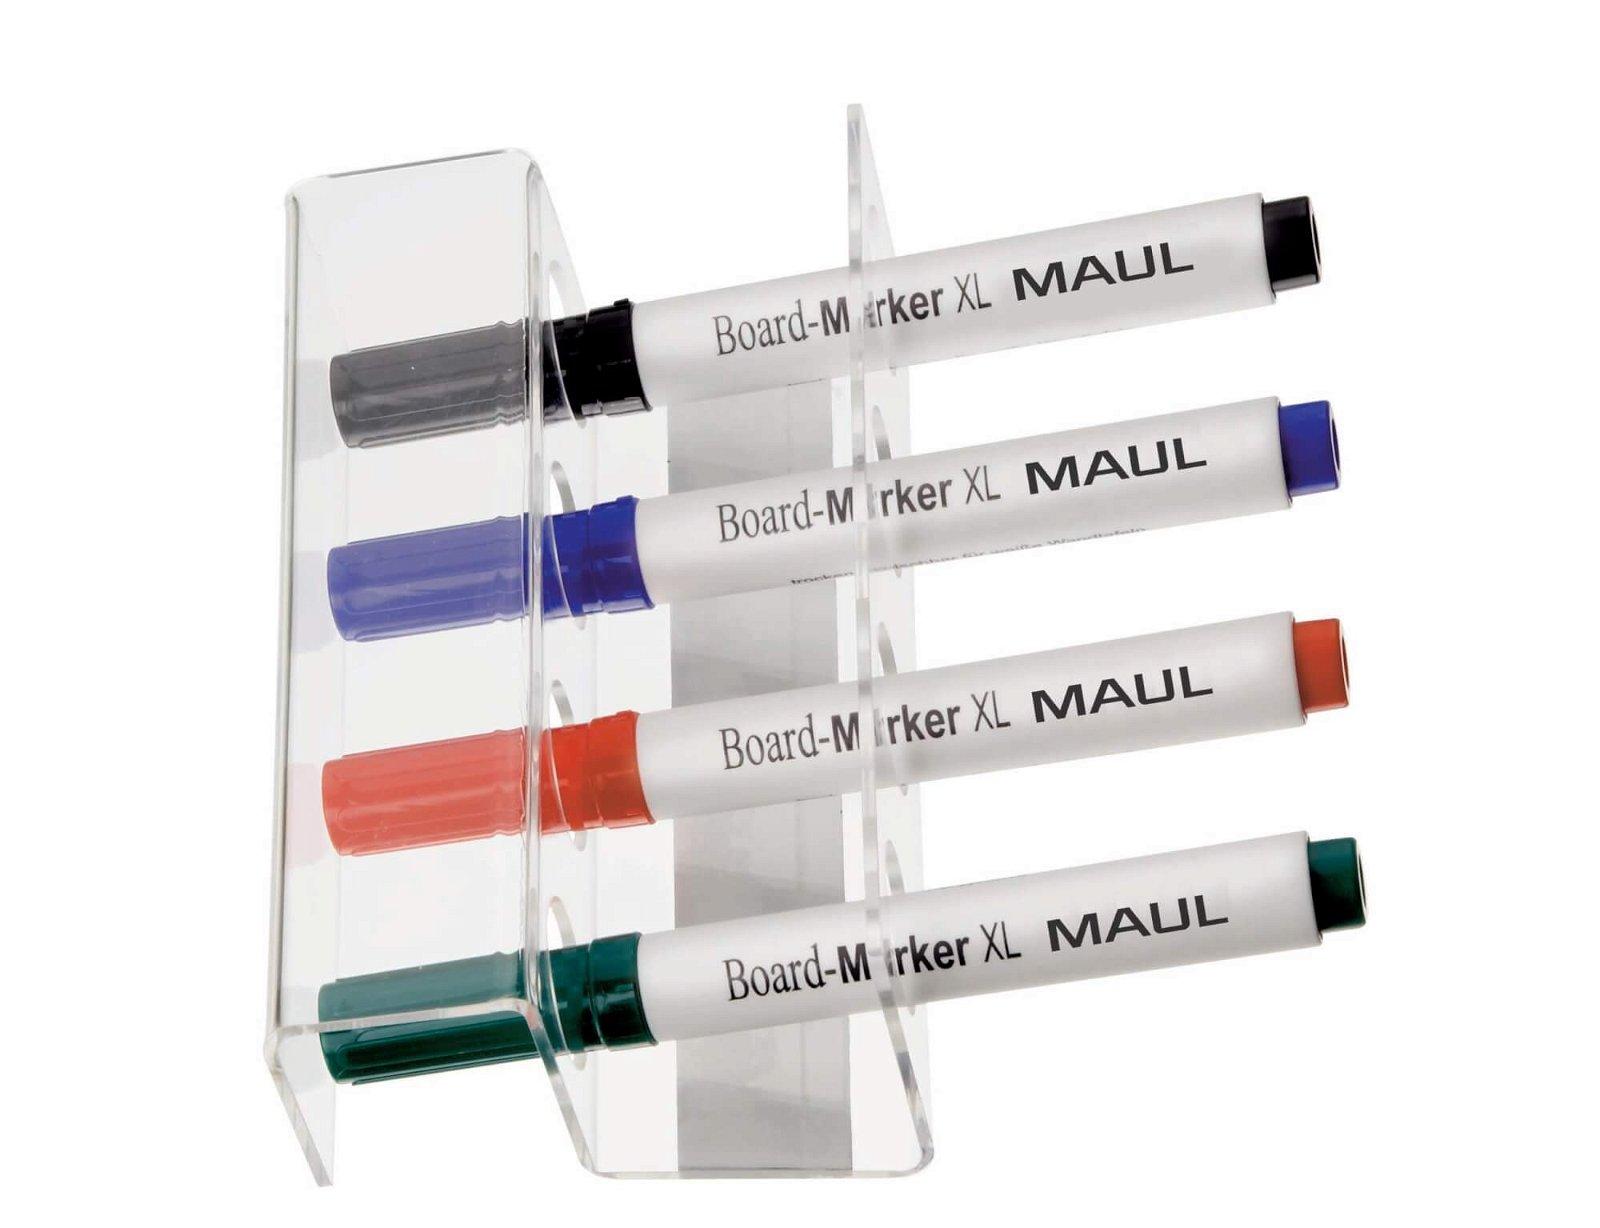 Stiftehalter Acryl für 4 Stifte, magnetisch, glasklar